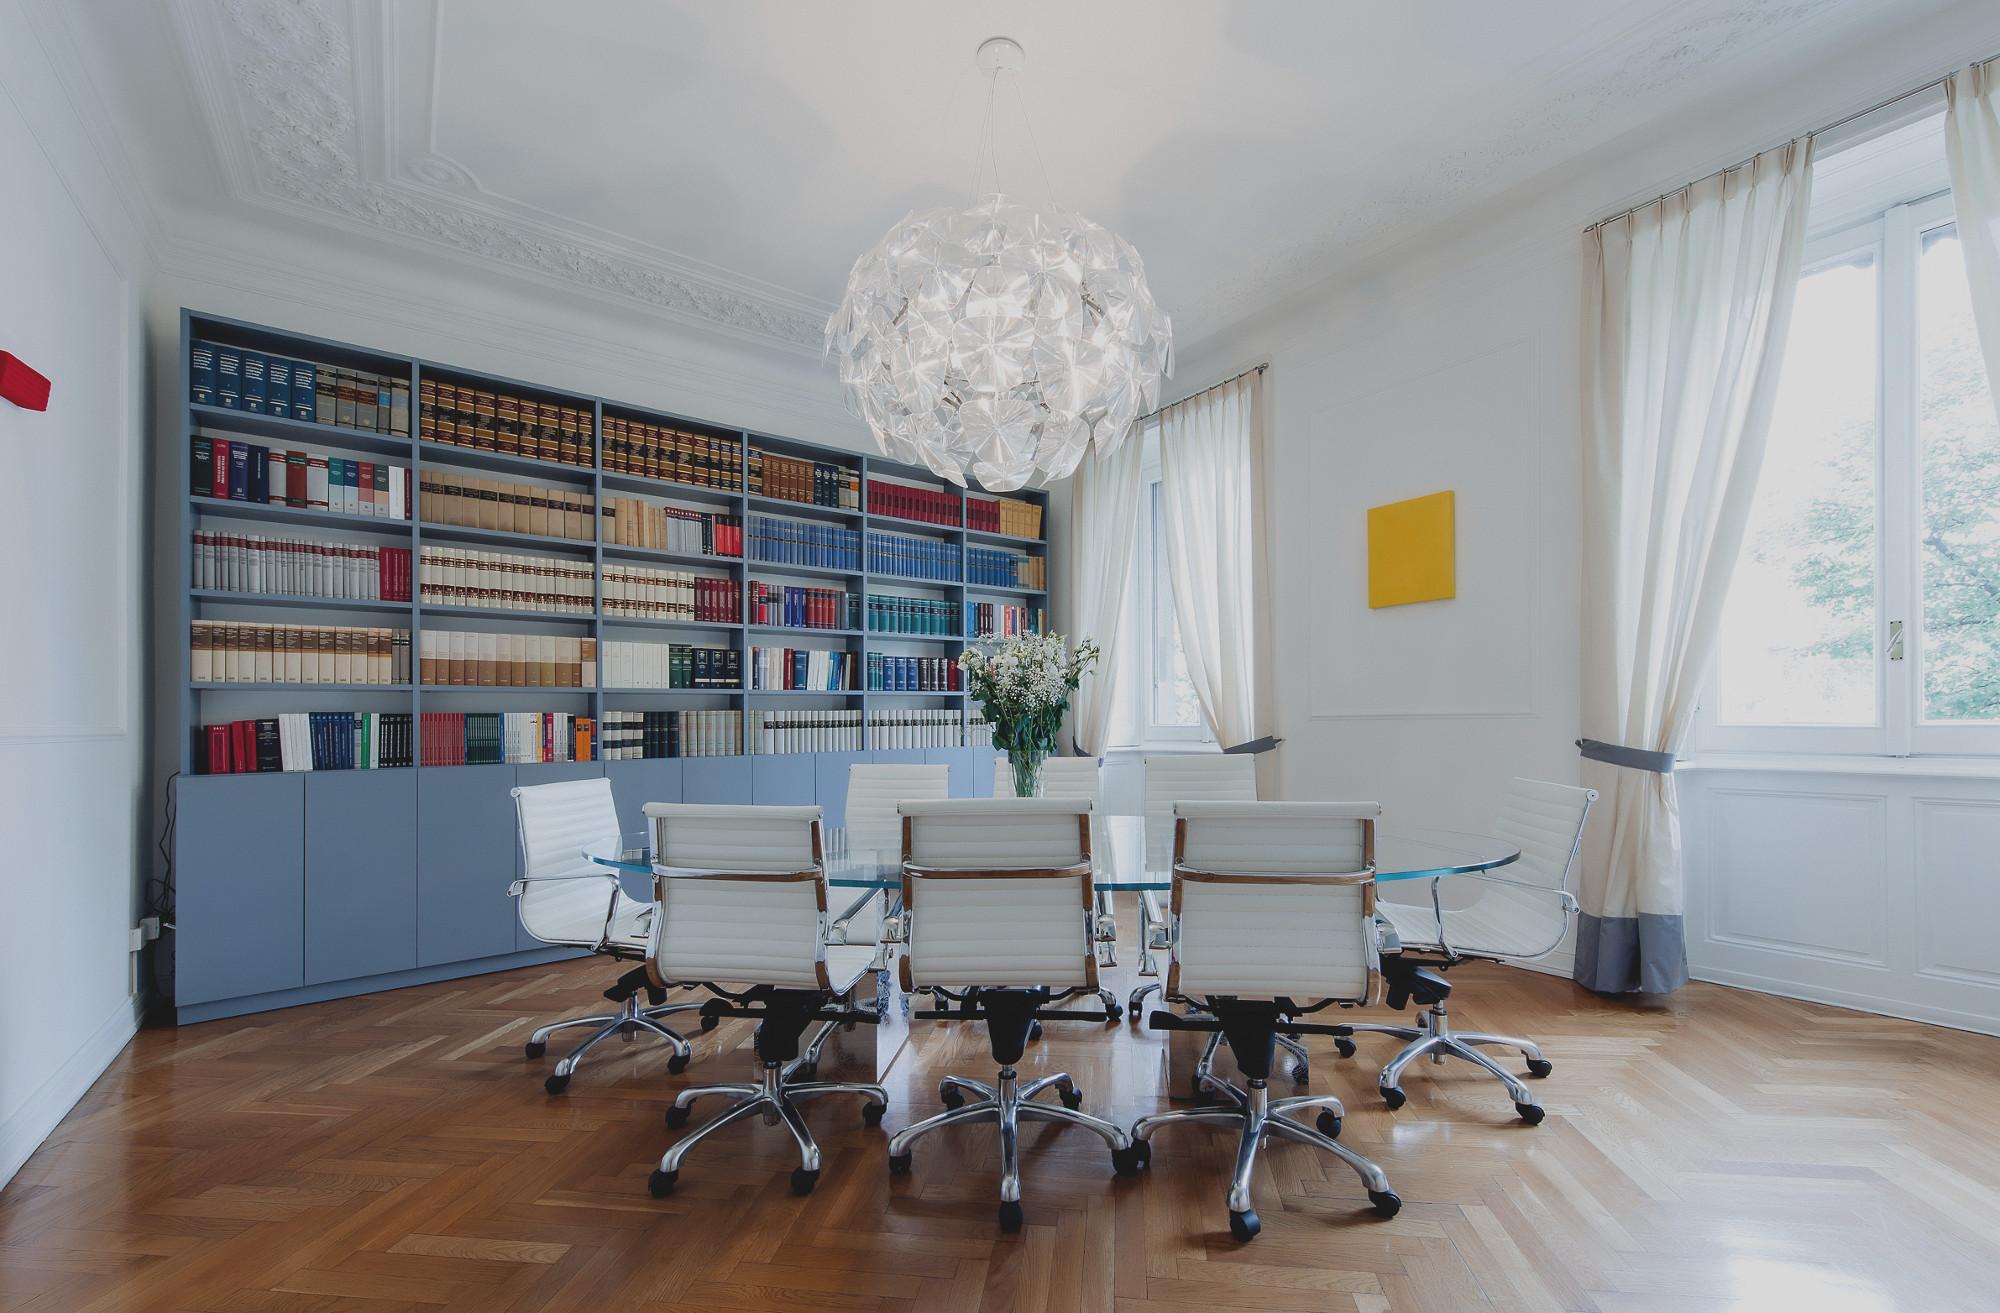 sala riunioni dello studio legale chiara padovani a milano